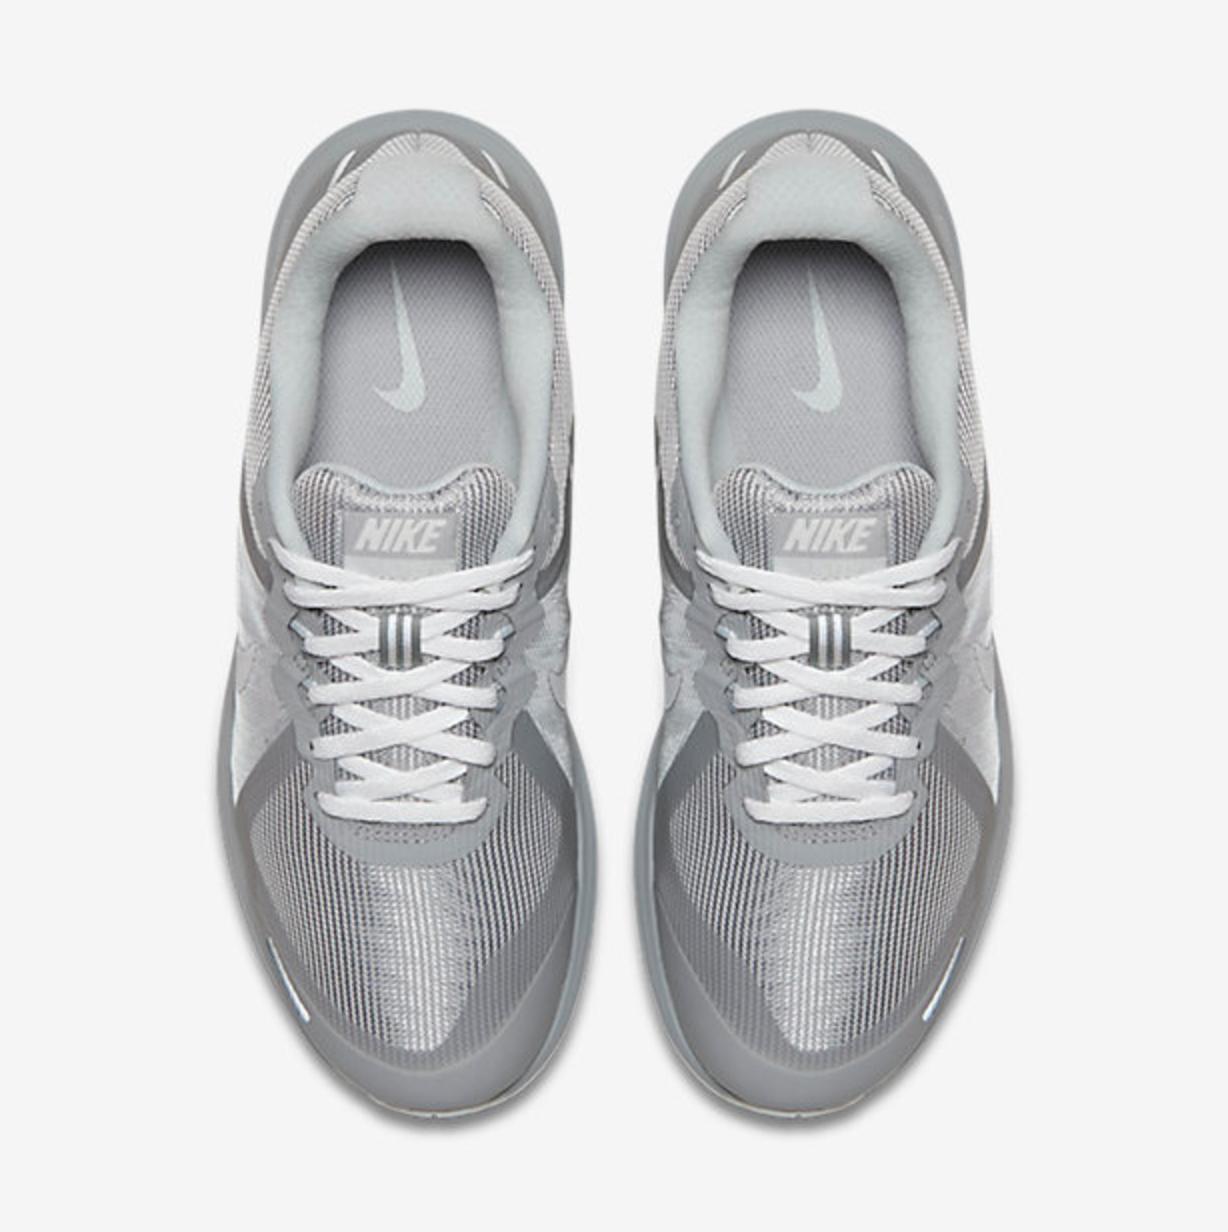 Nike, $75